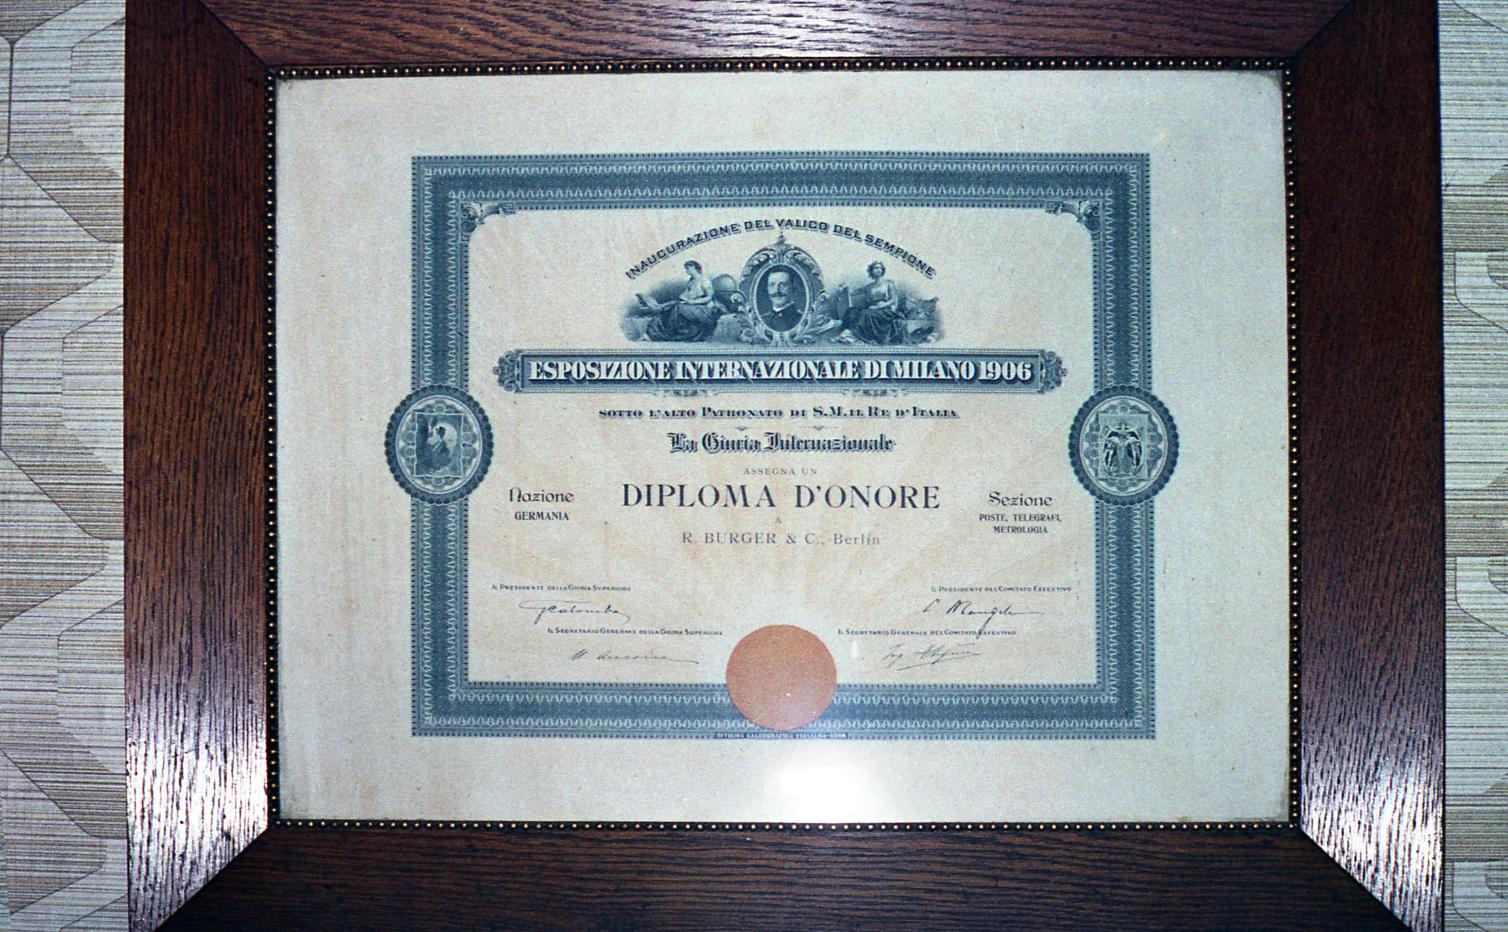 Bild: Urkunde zur Ehrenmedaille Weltausstellung Milano 1906